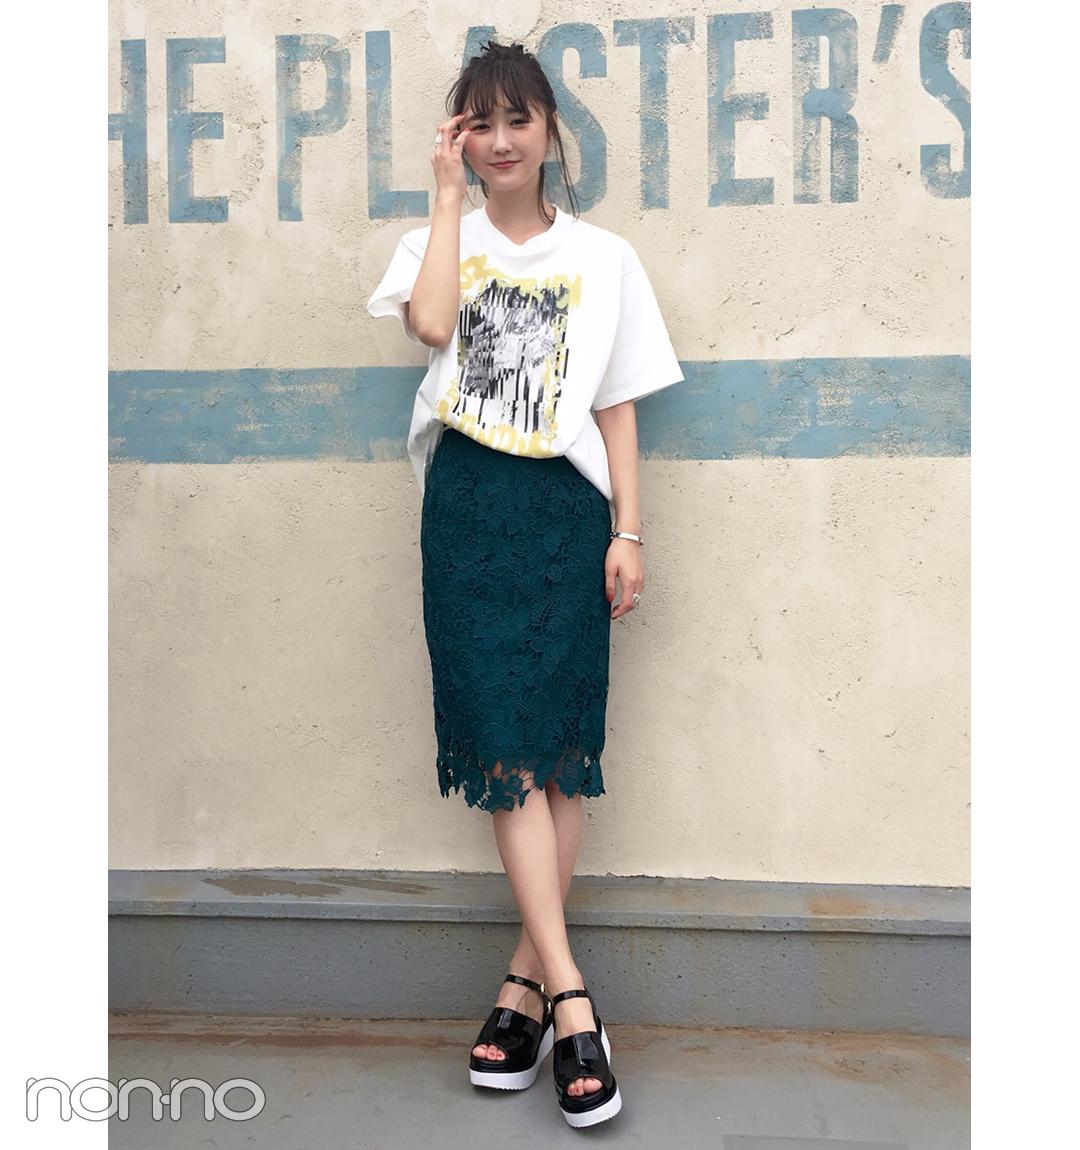 鈴木友菜は透けレーススカートをTシャツ&シルバーでちょっとクールに【毎日コーデ】